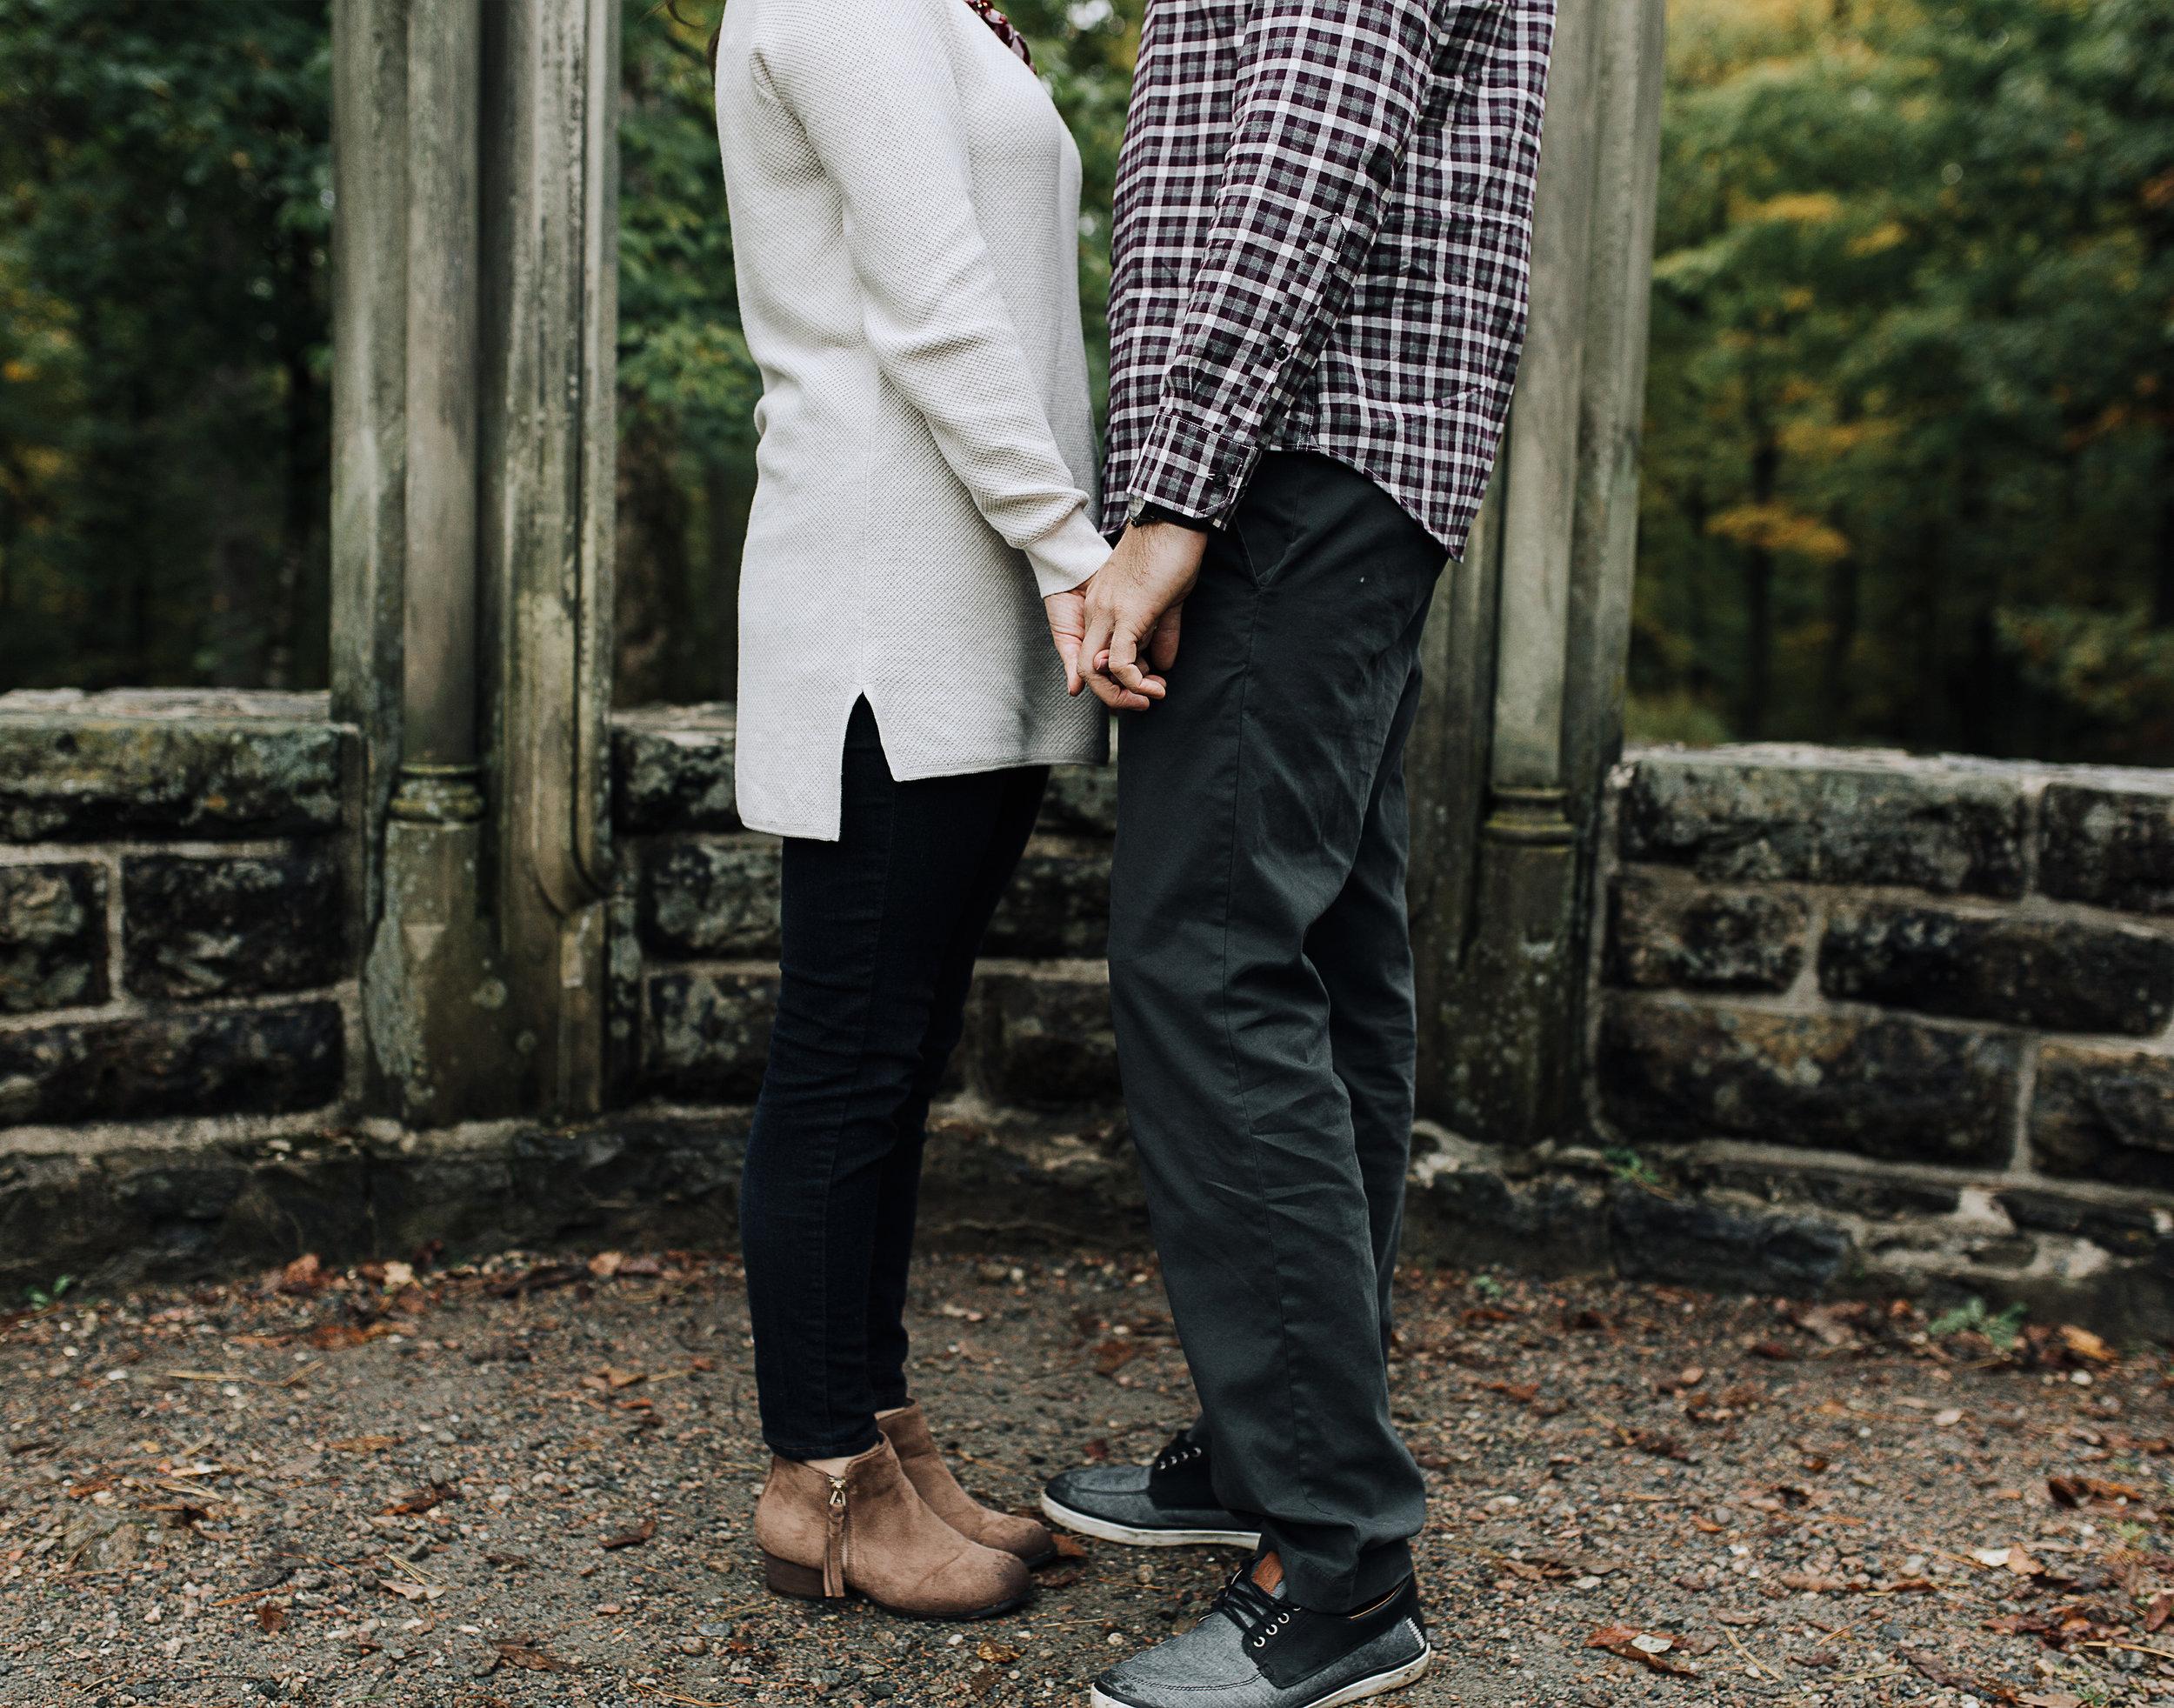 Evie&Glenn10.14.17-02.jpg